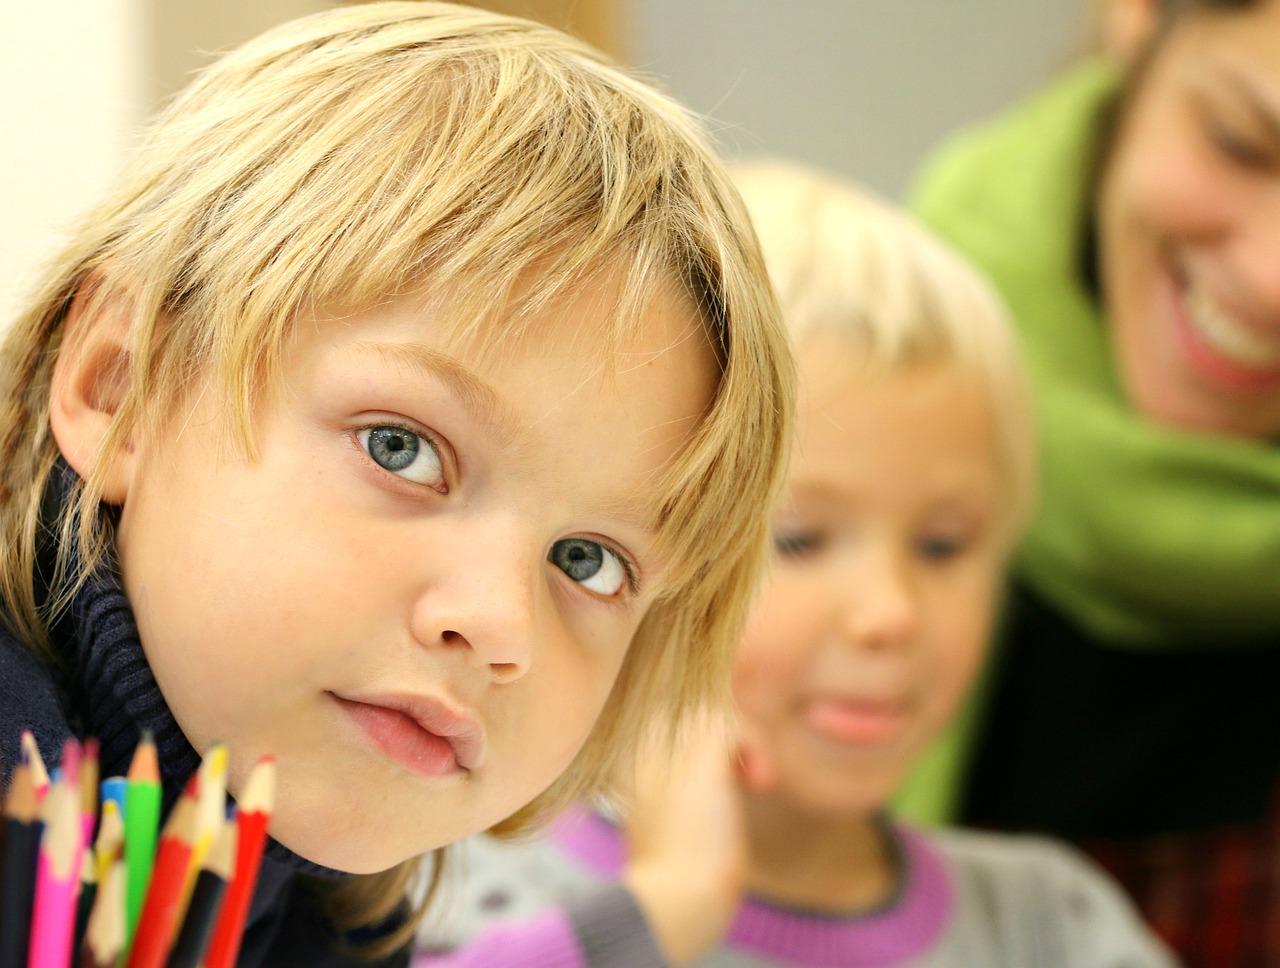 Rozwój zawodowy nauczyciela. Nauczyciele potrzebują wsparcia – odpowiedzialność nauczyciela za ucznia